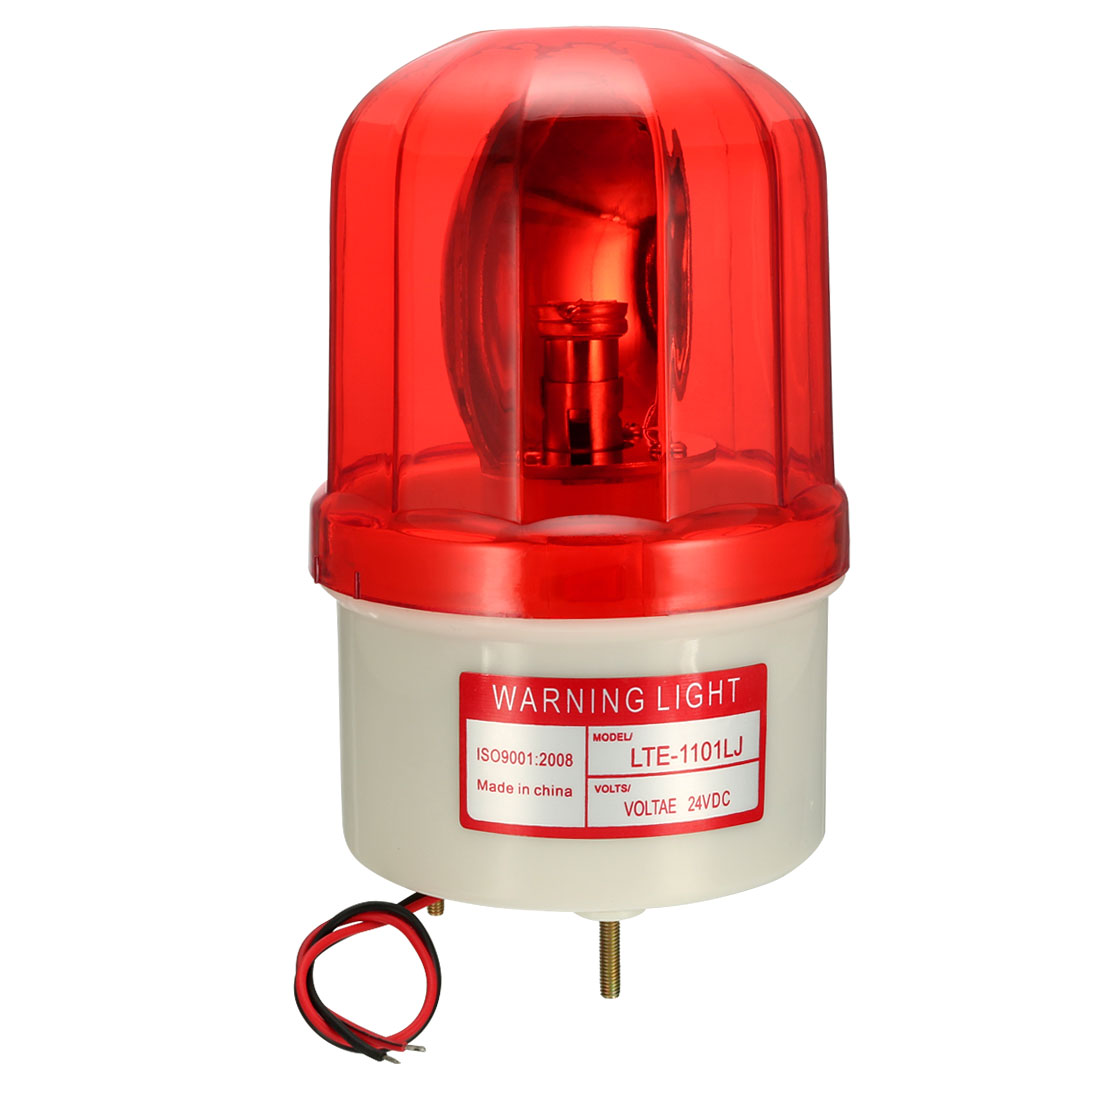 LED Warning Light Bulb Rotating Flashing Alarm Lamp Buzzer 90dB DC 24V Red